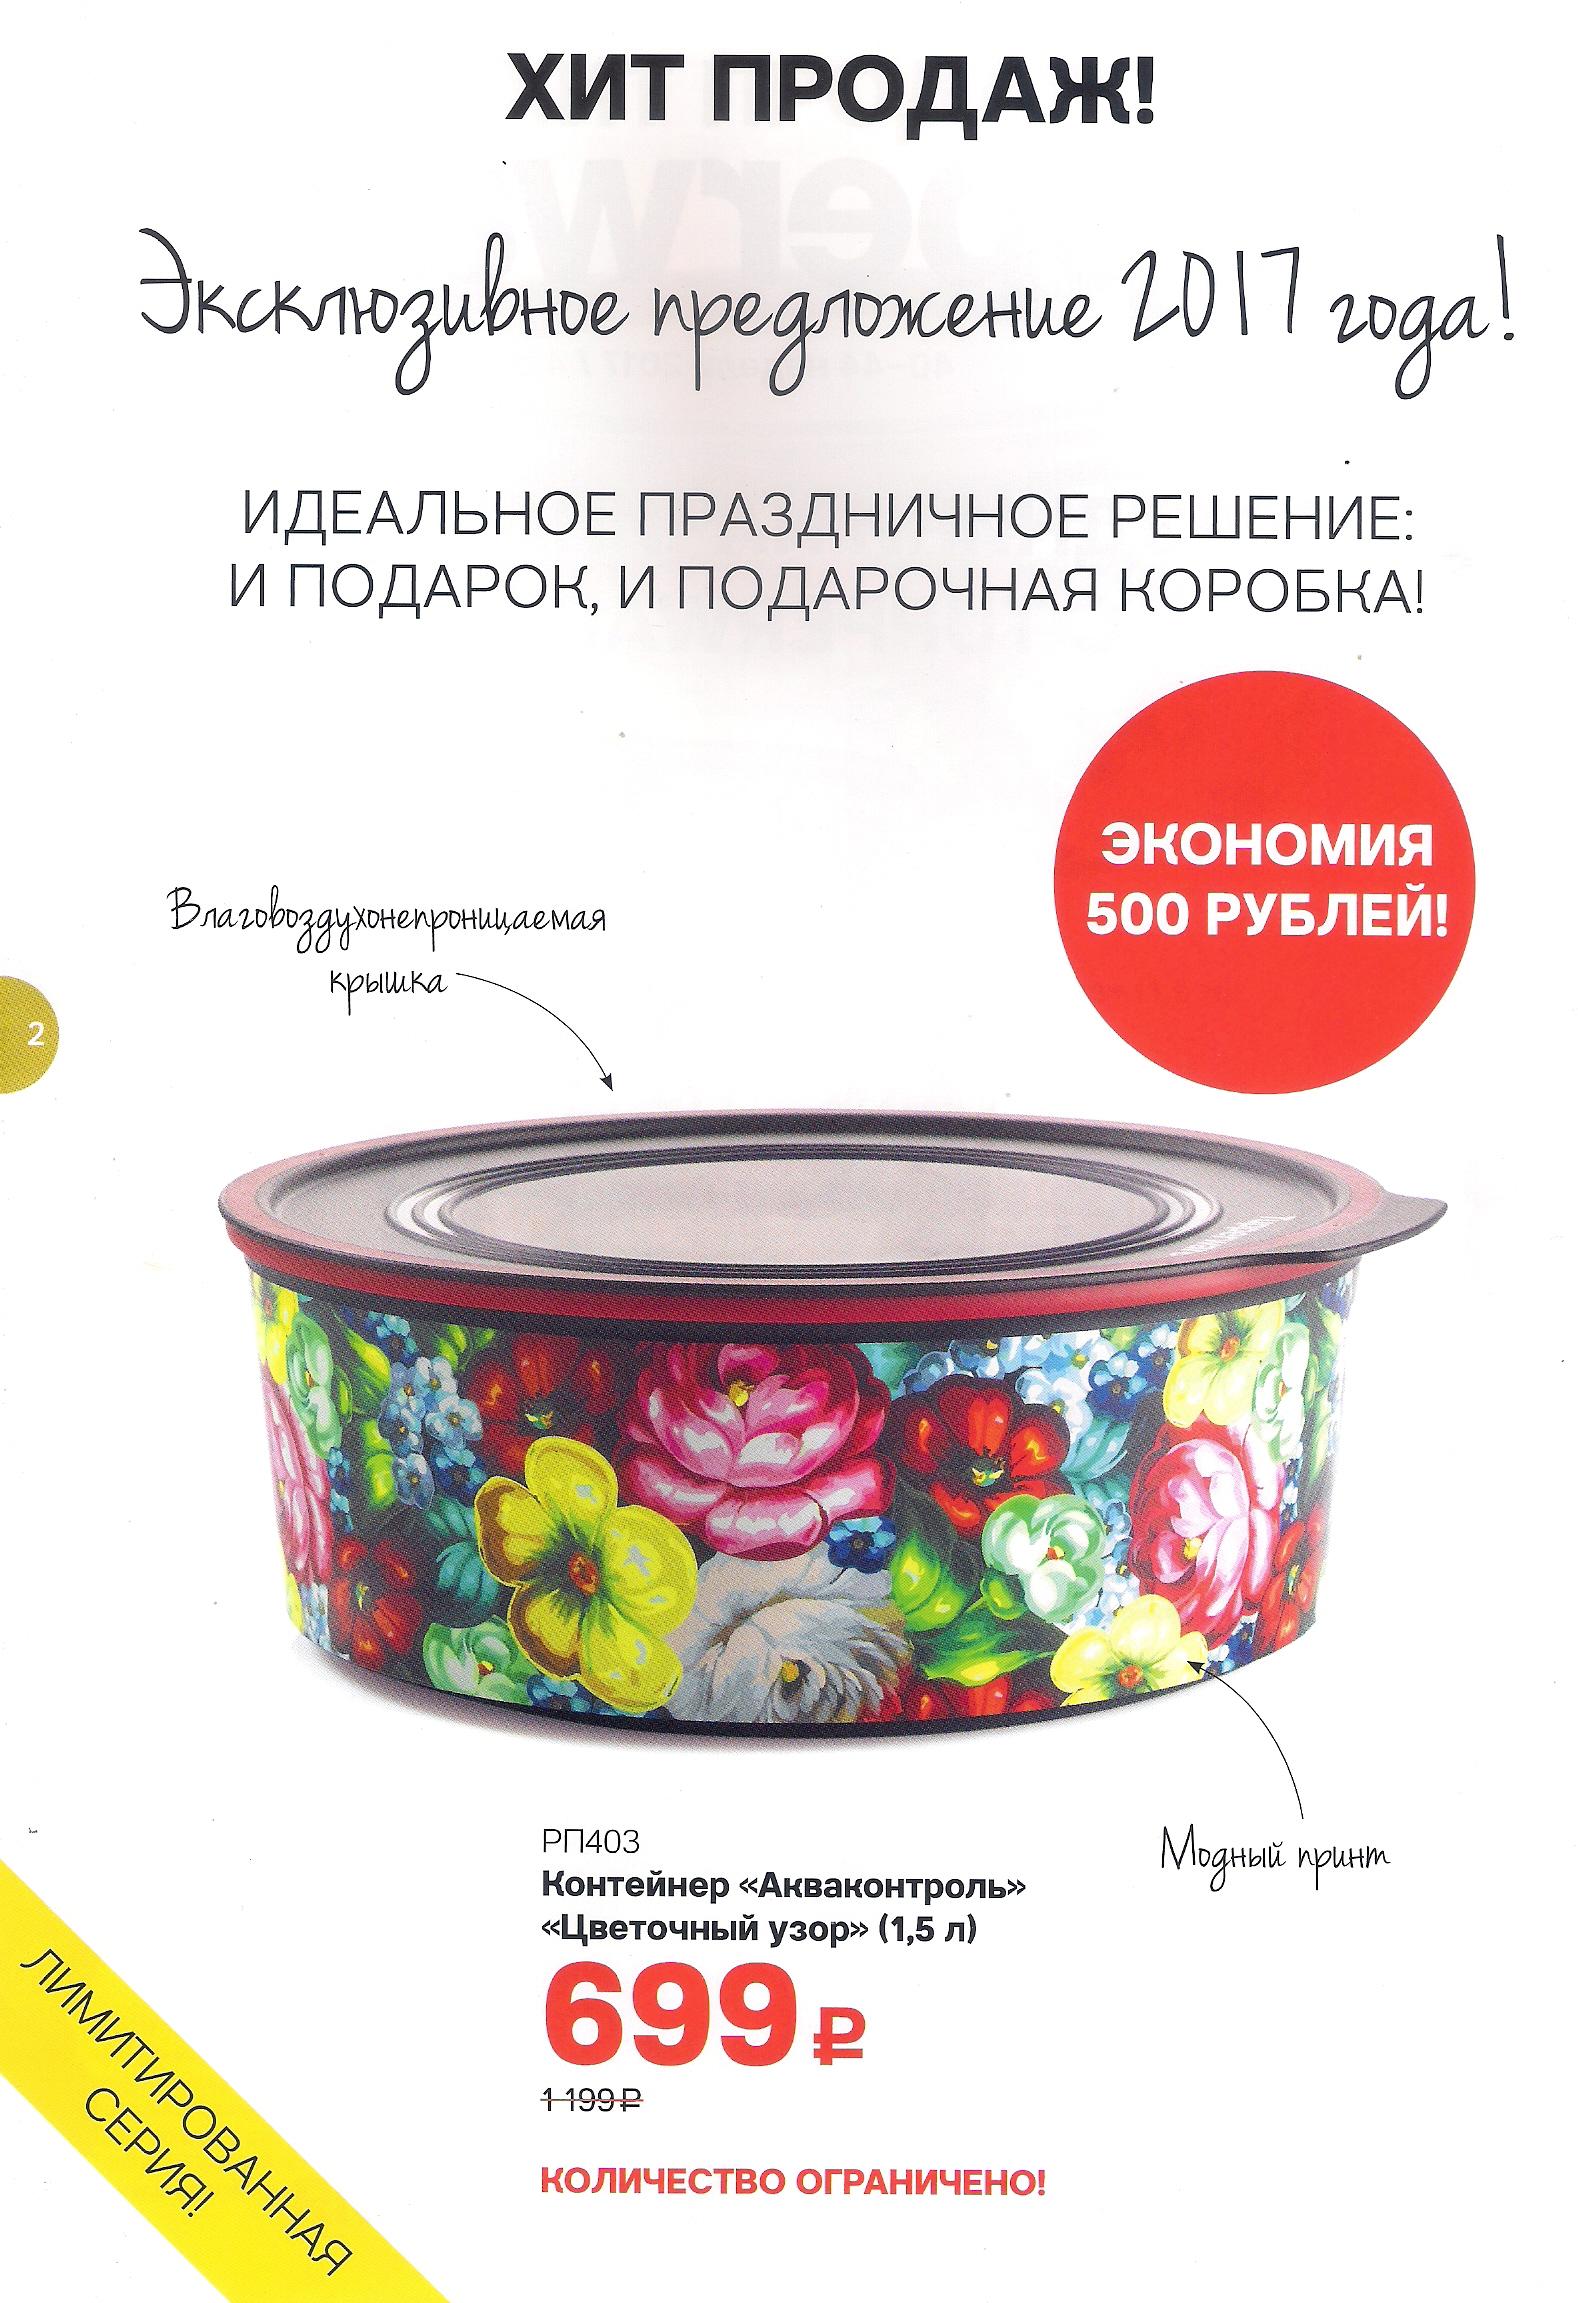 http://tupperware-online.ru/images/upload/2p.jpg